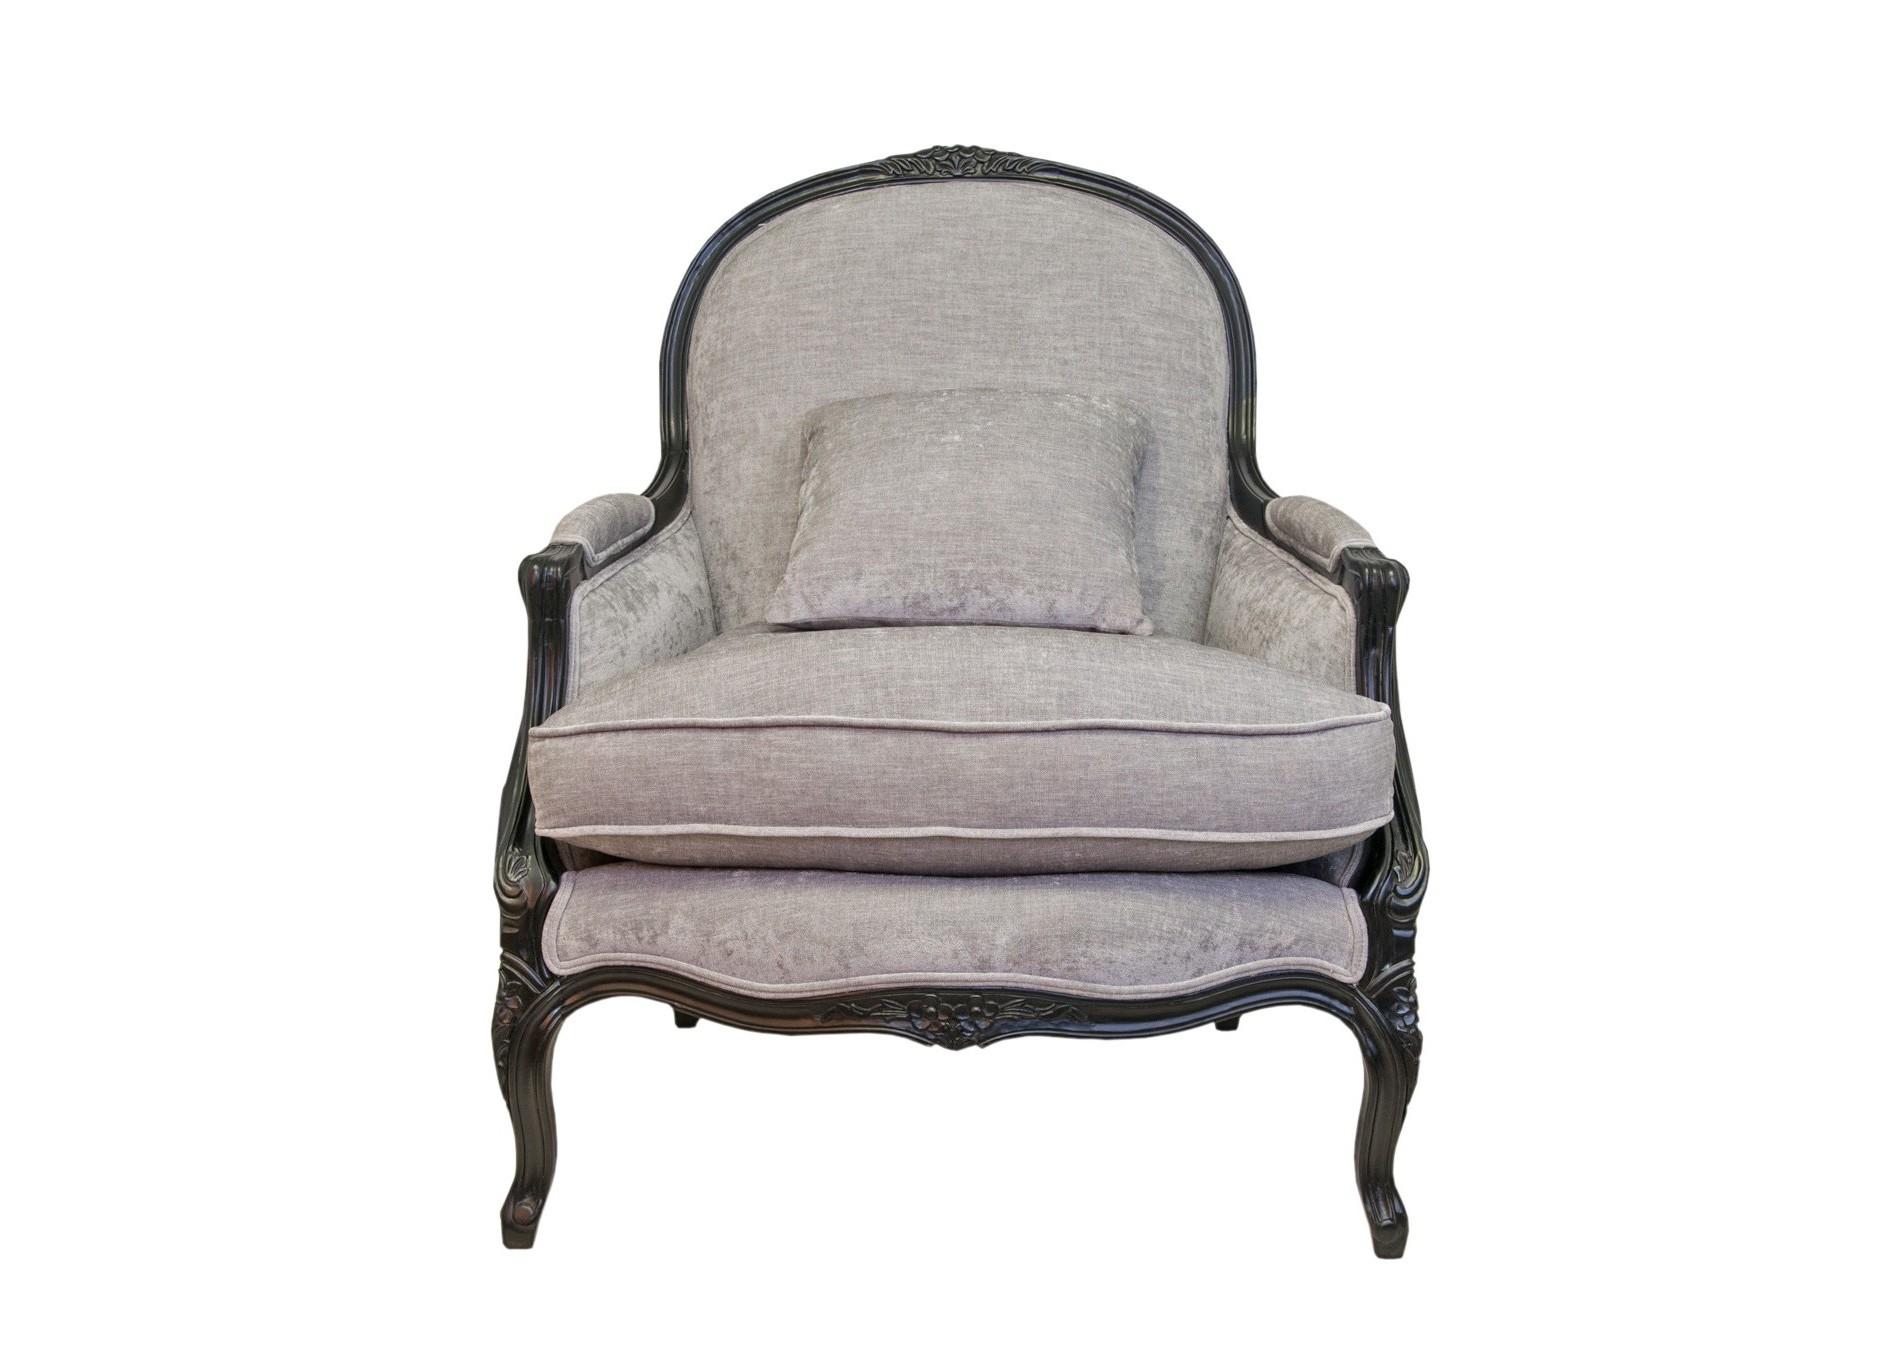 Кресло классическое AldoИнтерьерные кресла<br>Кресло Aldo — элегантная модель в стиле классика, которая потрясает своей красотой и удобством. У него изящные резные ножки, локотники в виде мягких валиков и глубокое, невероятно мягкое сидение. Нейтральный оттенок обивки позволит креслу удачно вписаться в любую цветовую композицию.<br><br>Material: Велюр<br>Ширина см: 84<br>Высота см: 103<br>Глубина см: 85